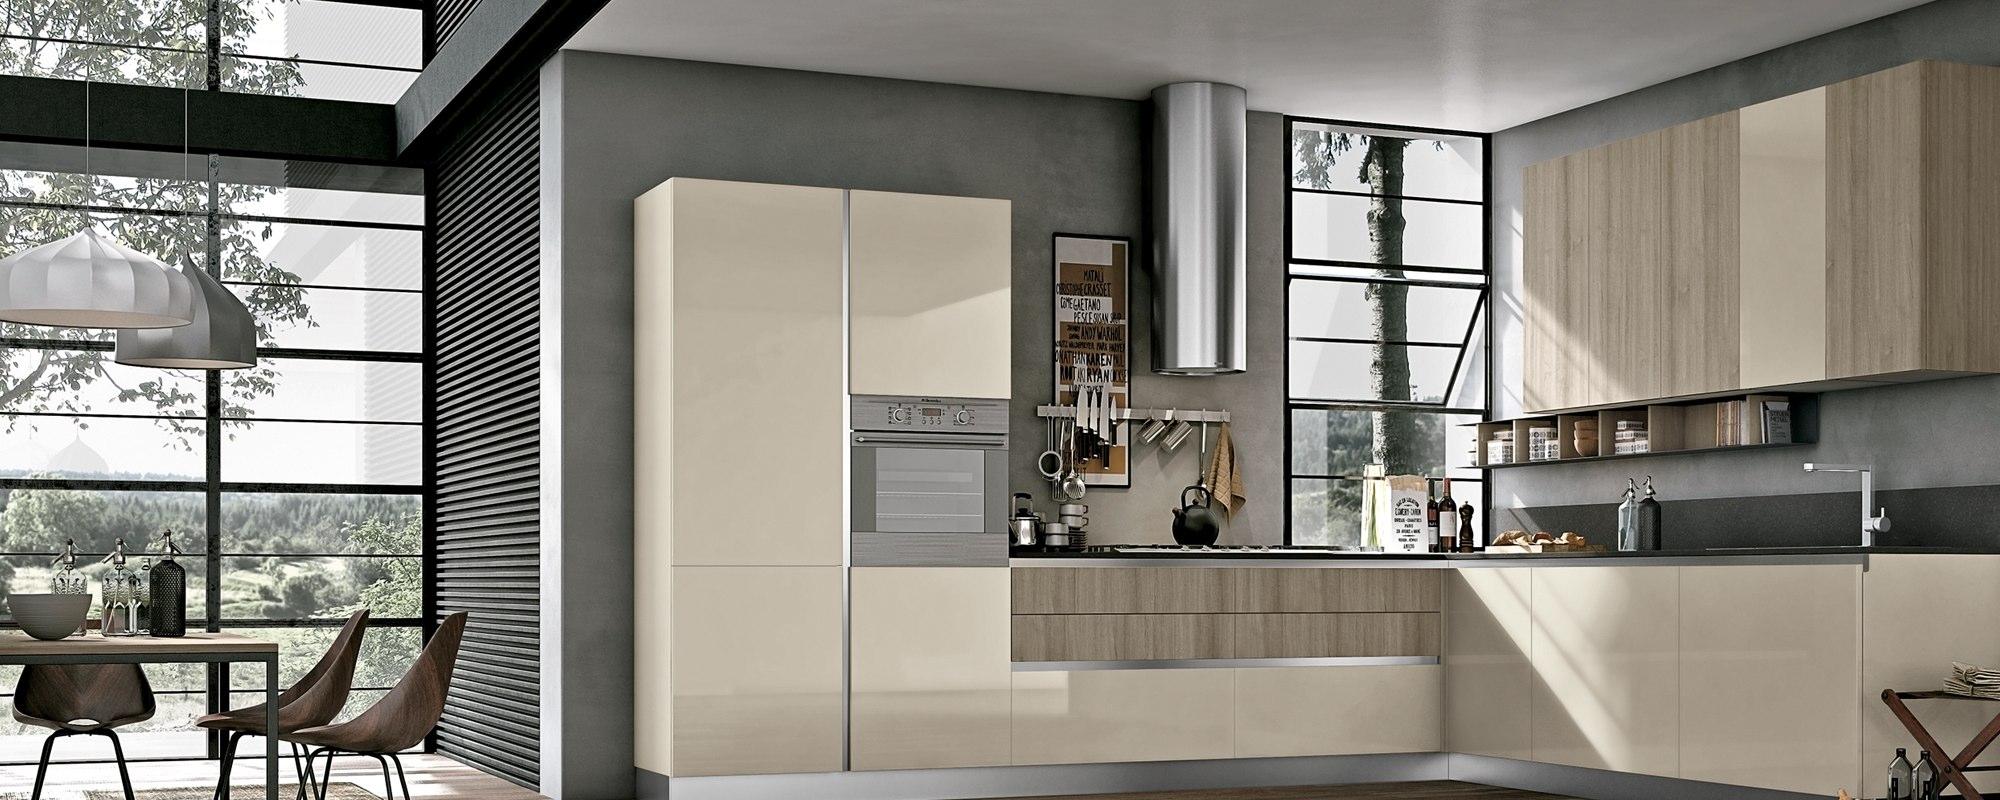 stosa-cucine-moderne-maya-121   Cucine Cagliari Stosa moderne ...